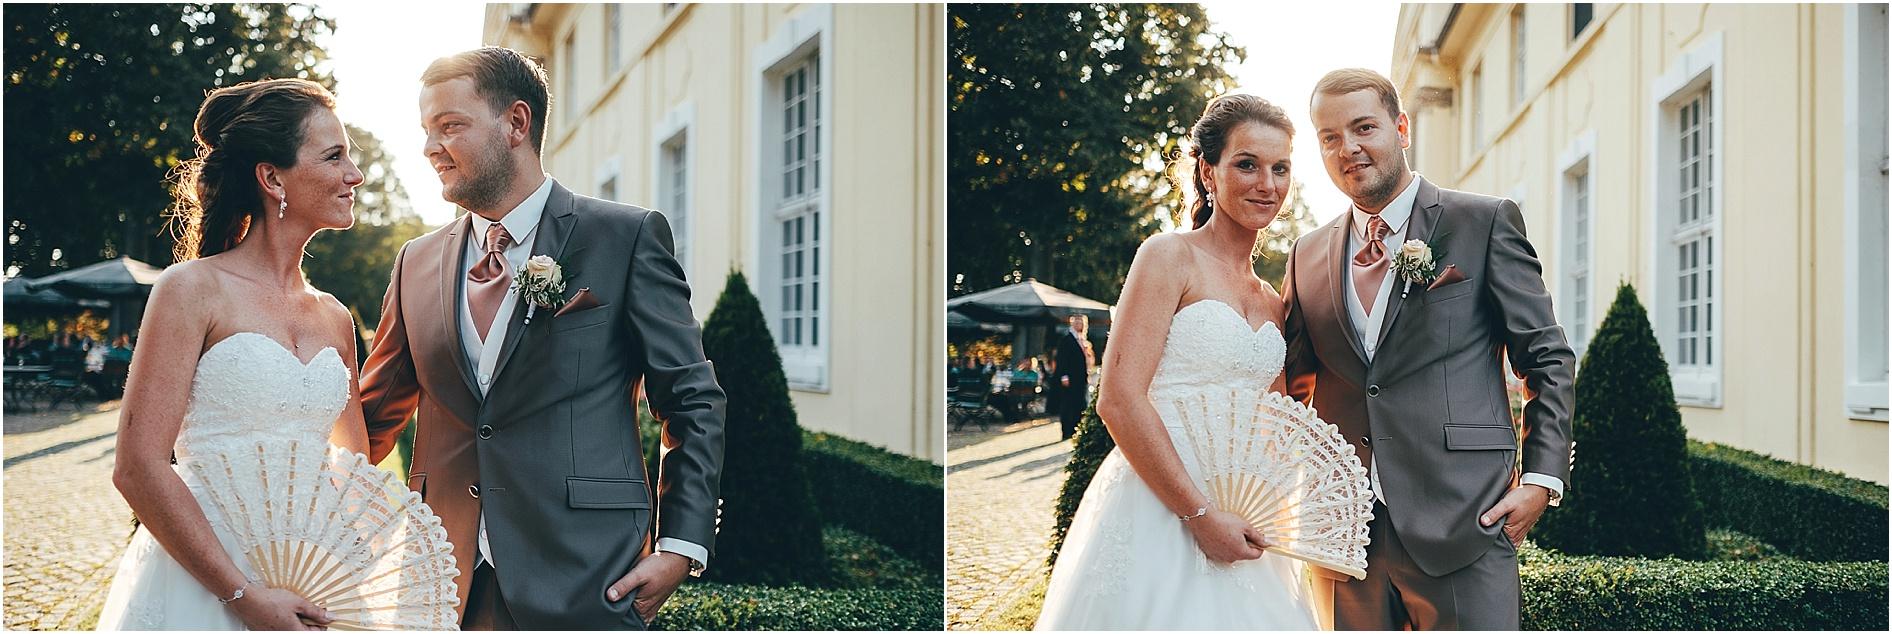 Hochzeitsfotograf Schwerin, Schloss Hasenwinkel, Caro und Marc, 2017-01-17_0099.jpg